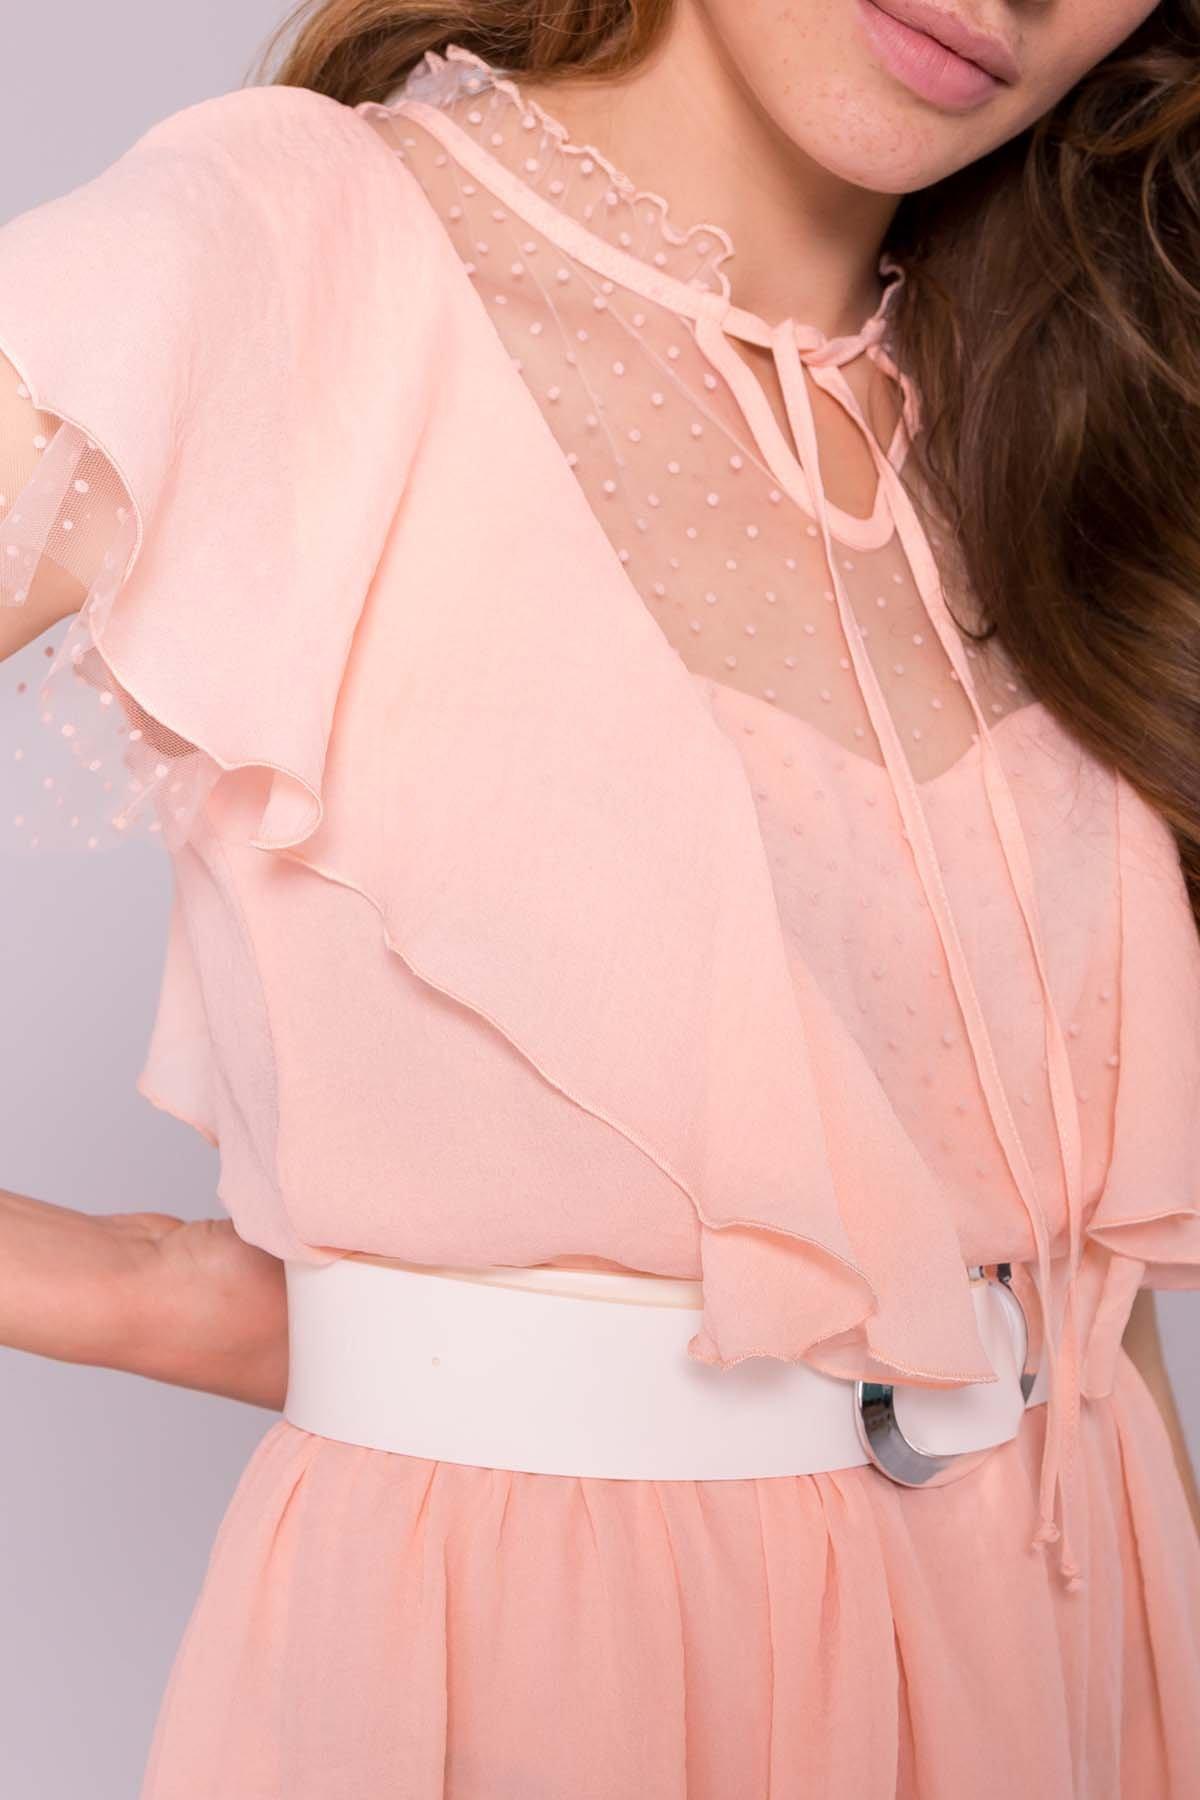 Платье Либре 7256 АРТ. 42819 Цвет: Персик 8 - фото 4, интернет магазин tm-modus.ru